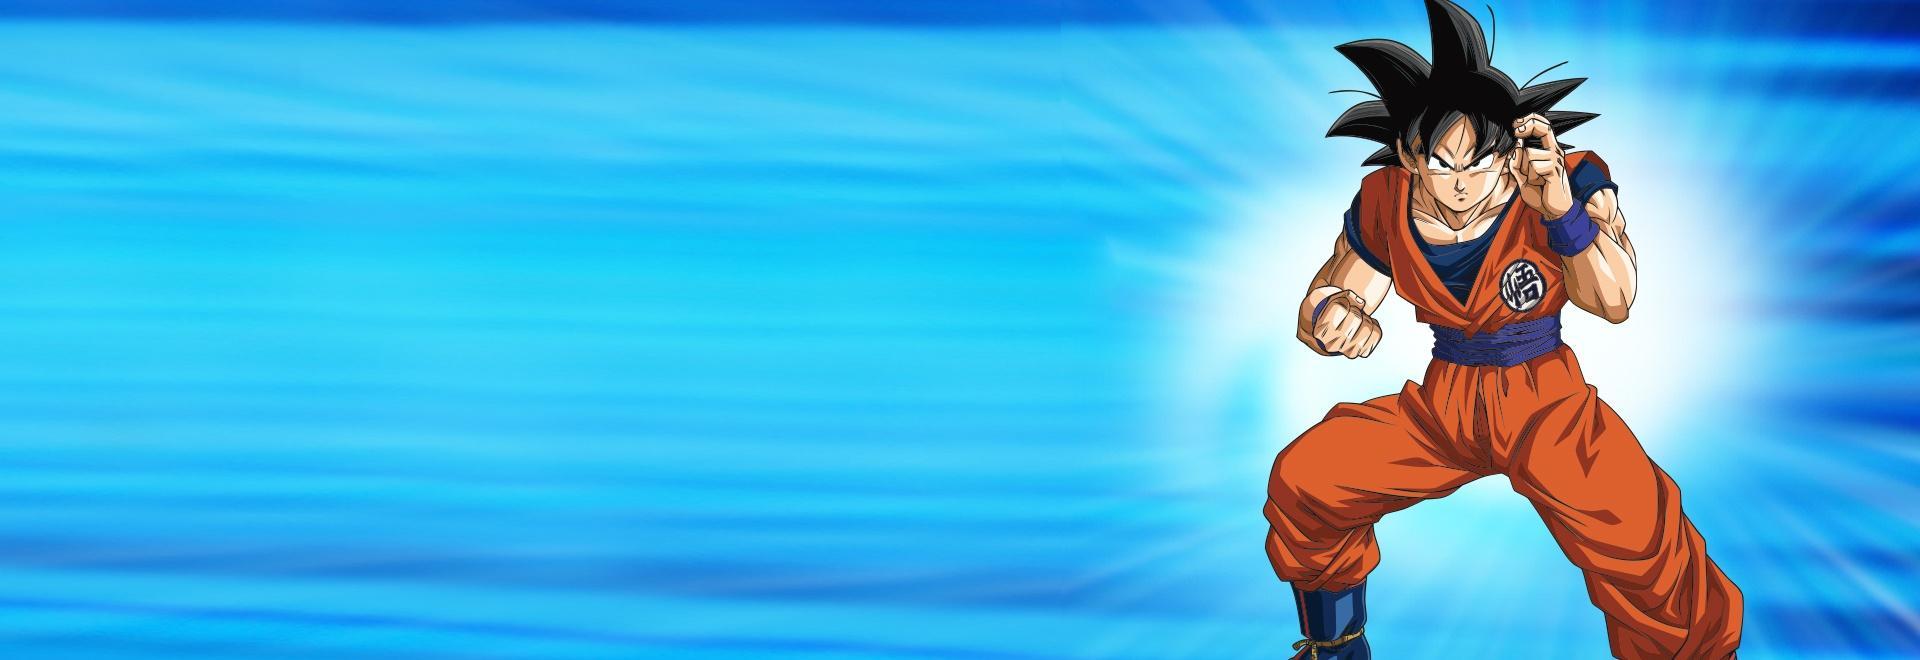 Goku si risveglia! L'ultra istinto!